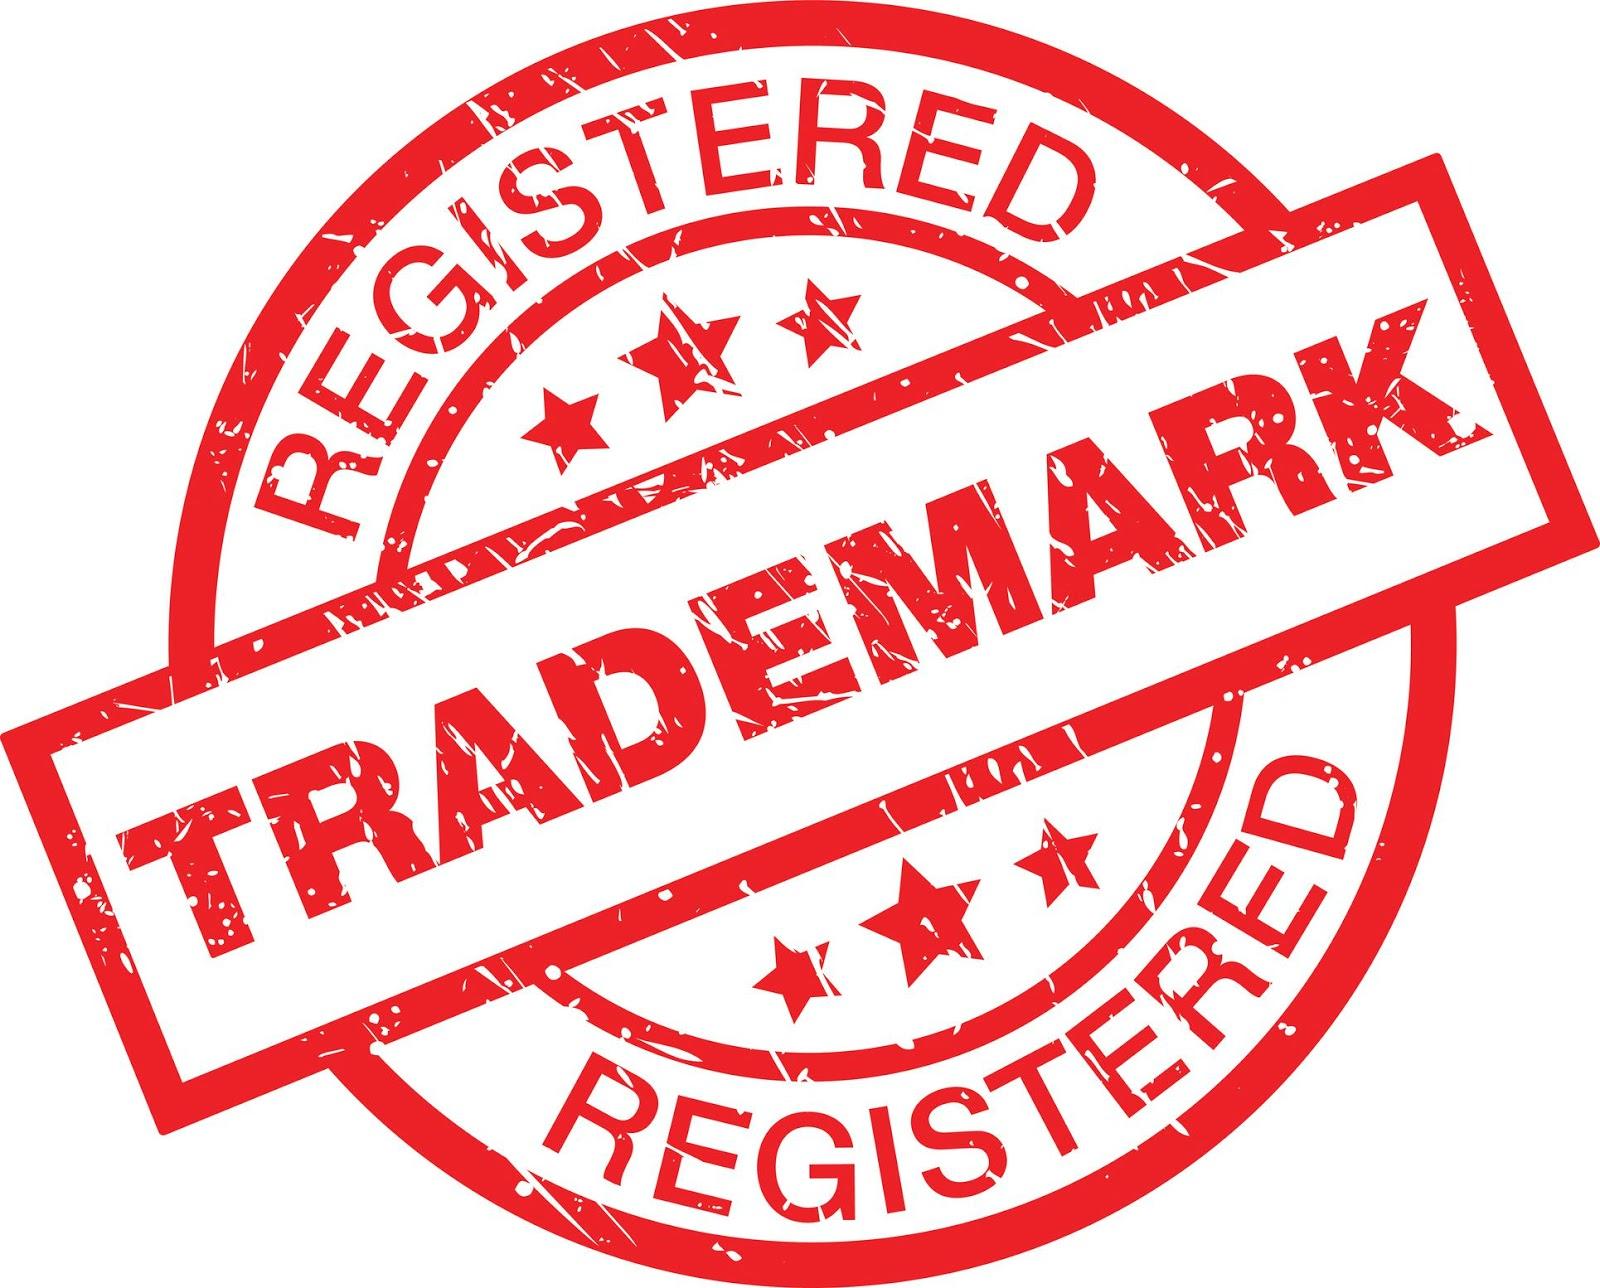 Markenregistrierung in Nigeria